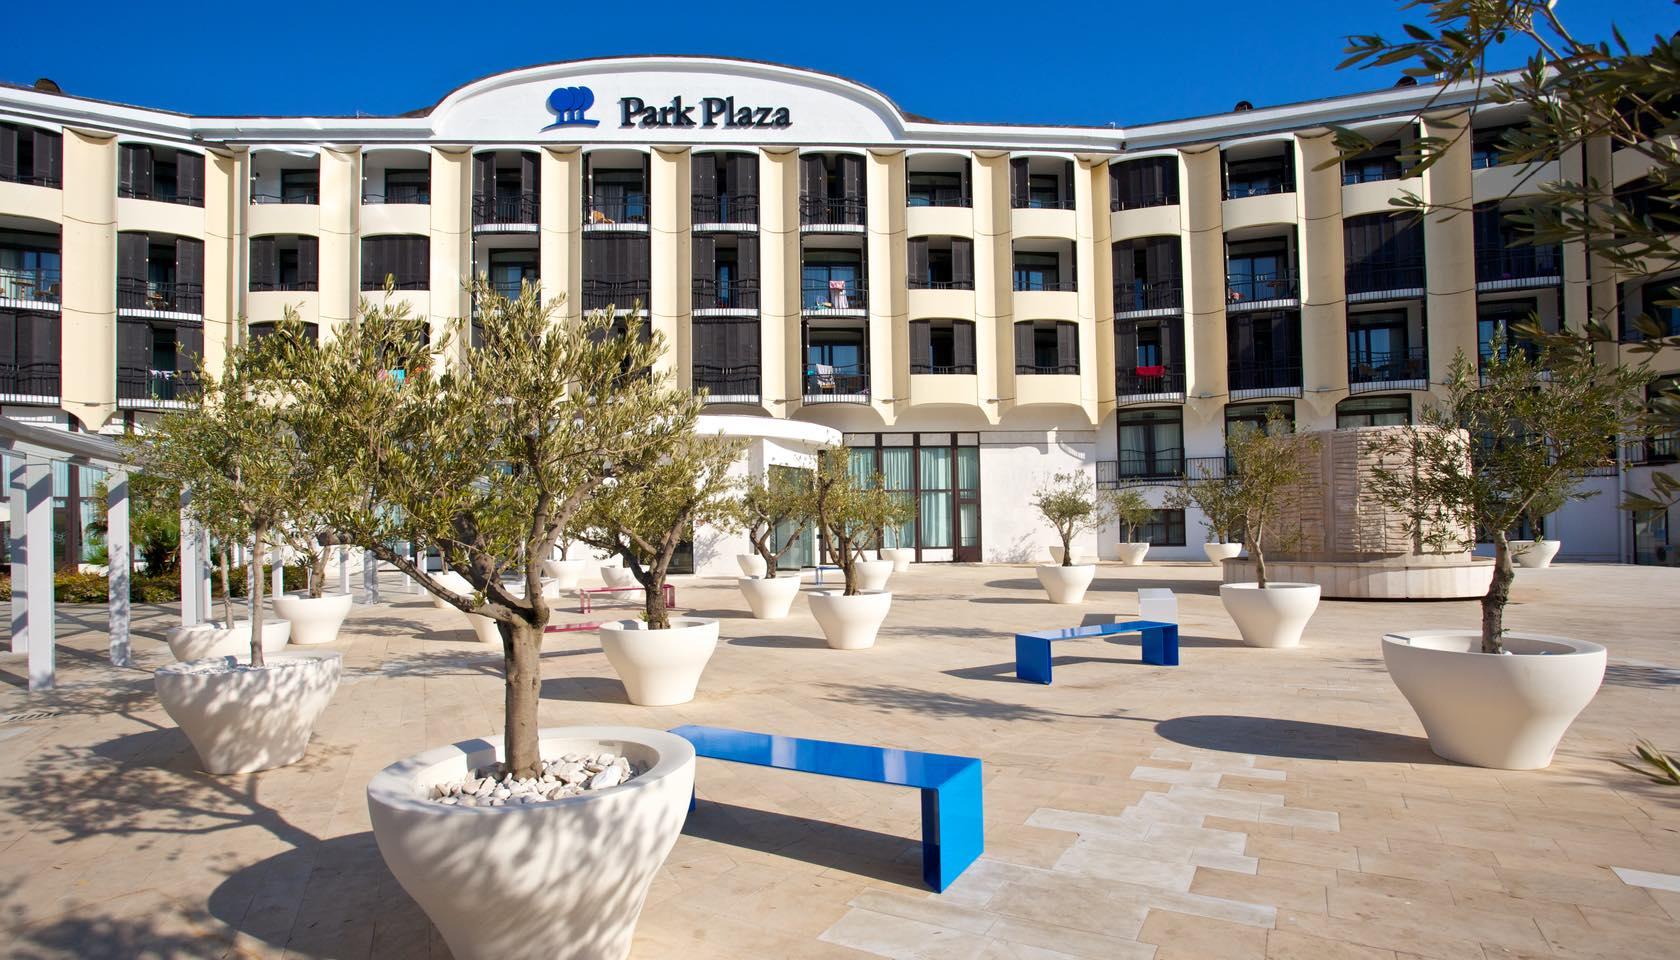 Hotel park plaza histria pula hotel arenaturist for Plaza hotel